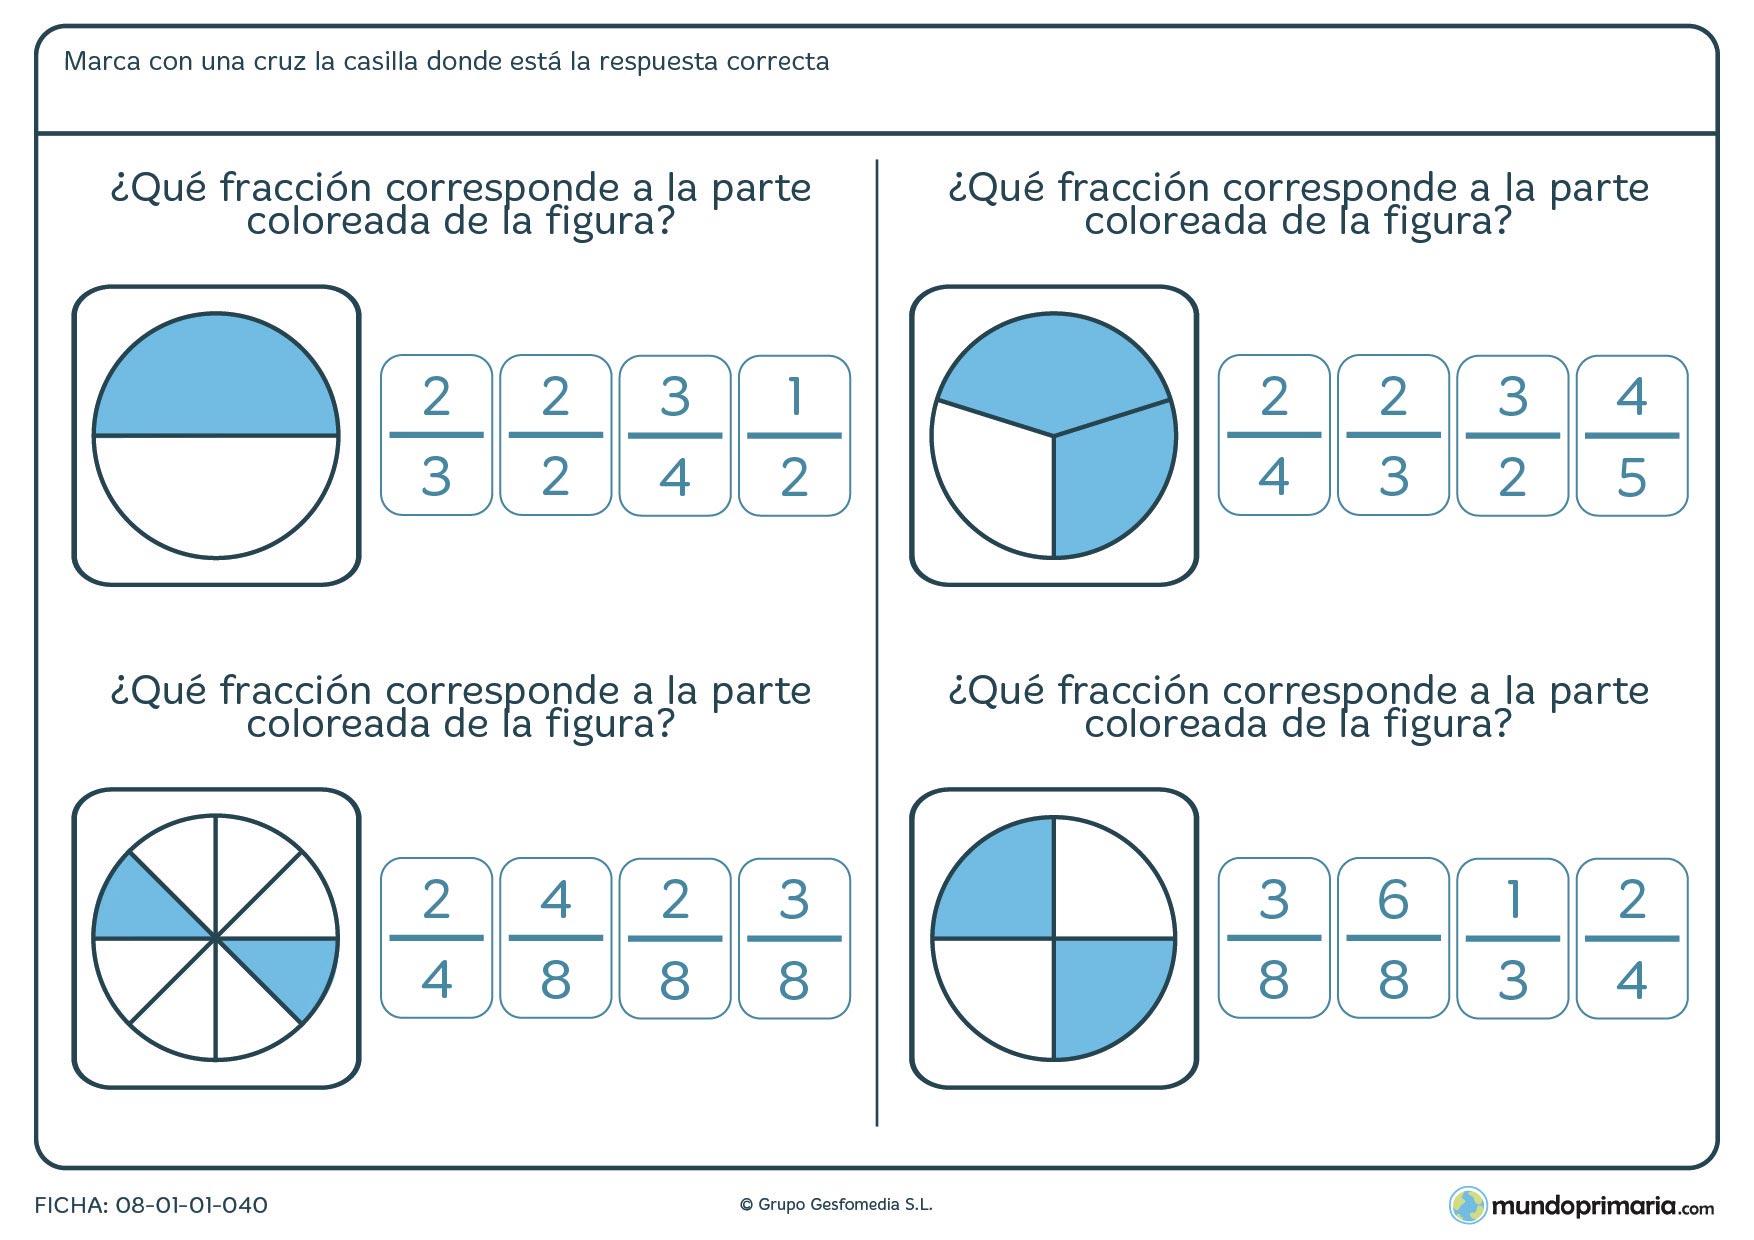 Ficha con imágenes que representan la fracción a escoger para 6º